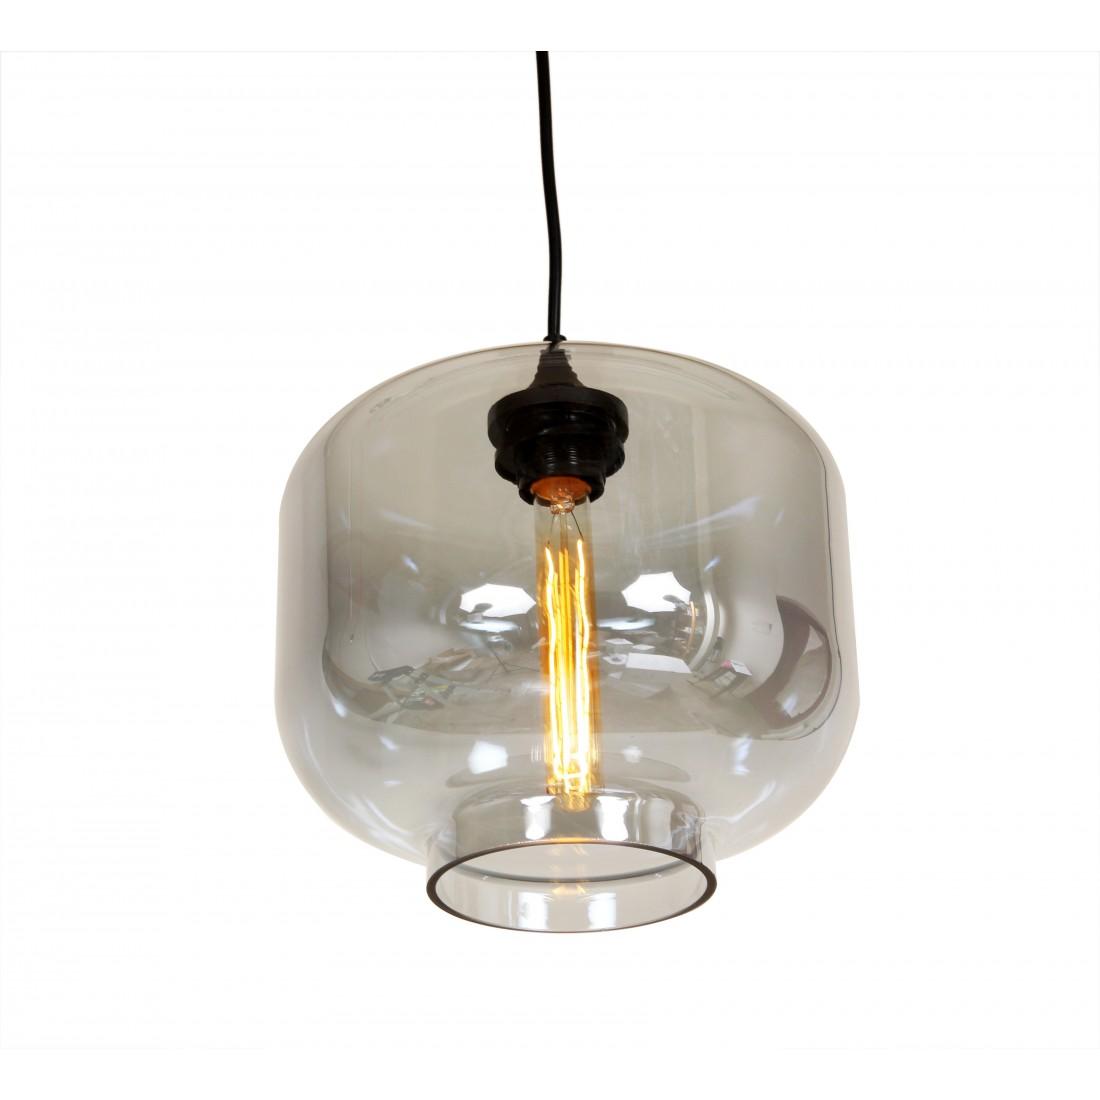 Подвесной светильник OculoПодвесные светильники<br>&amp;lt;div&amp;gt;Вид цоколя: E27&amp;lt;/div&amp;gt;&amp;lt;div&amp;gt;Мощность: 60W&amp;lt;/div&amp;gt;&amp;lt;div&amp;gt;Количество ламп: 1&amp;lt;/div&amp;gt;<br><br>Material: Стекло<br>Height см: 180<br>Diameter см: 25